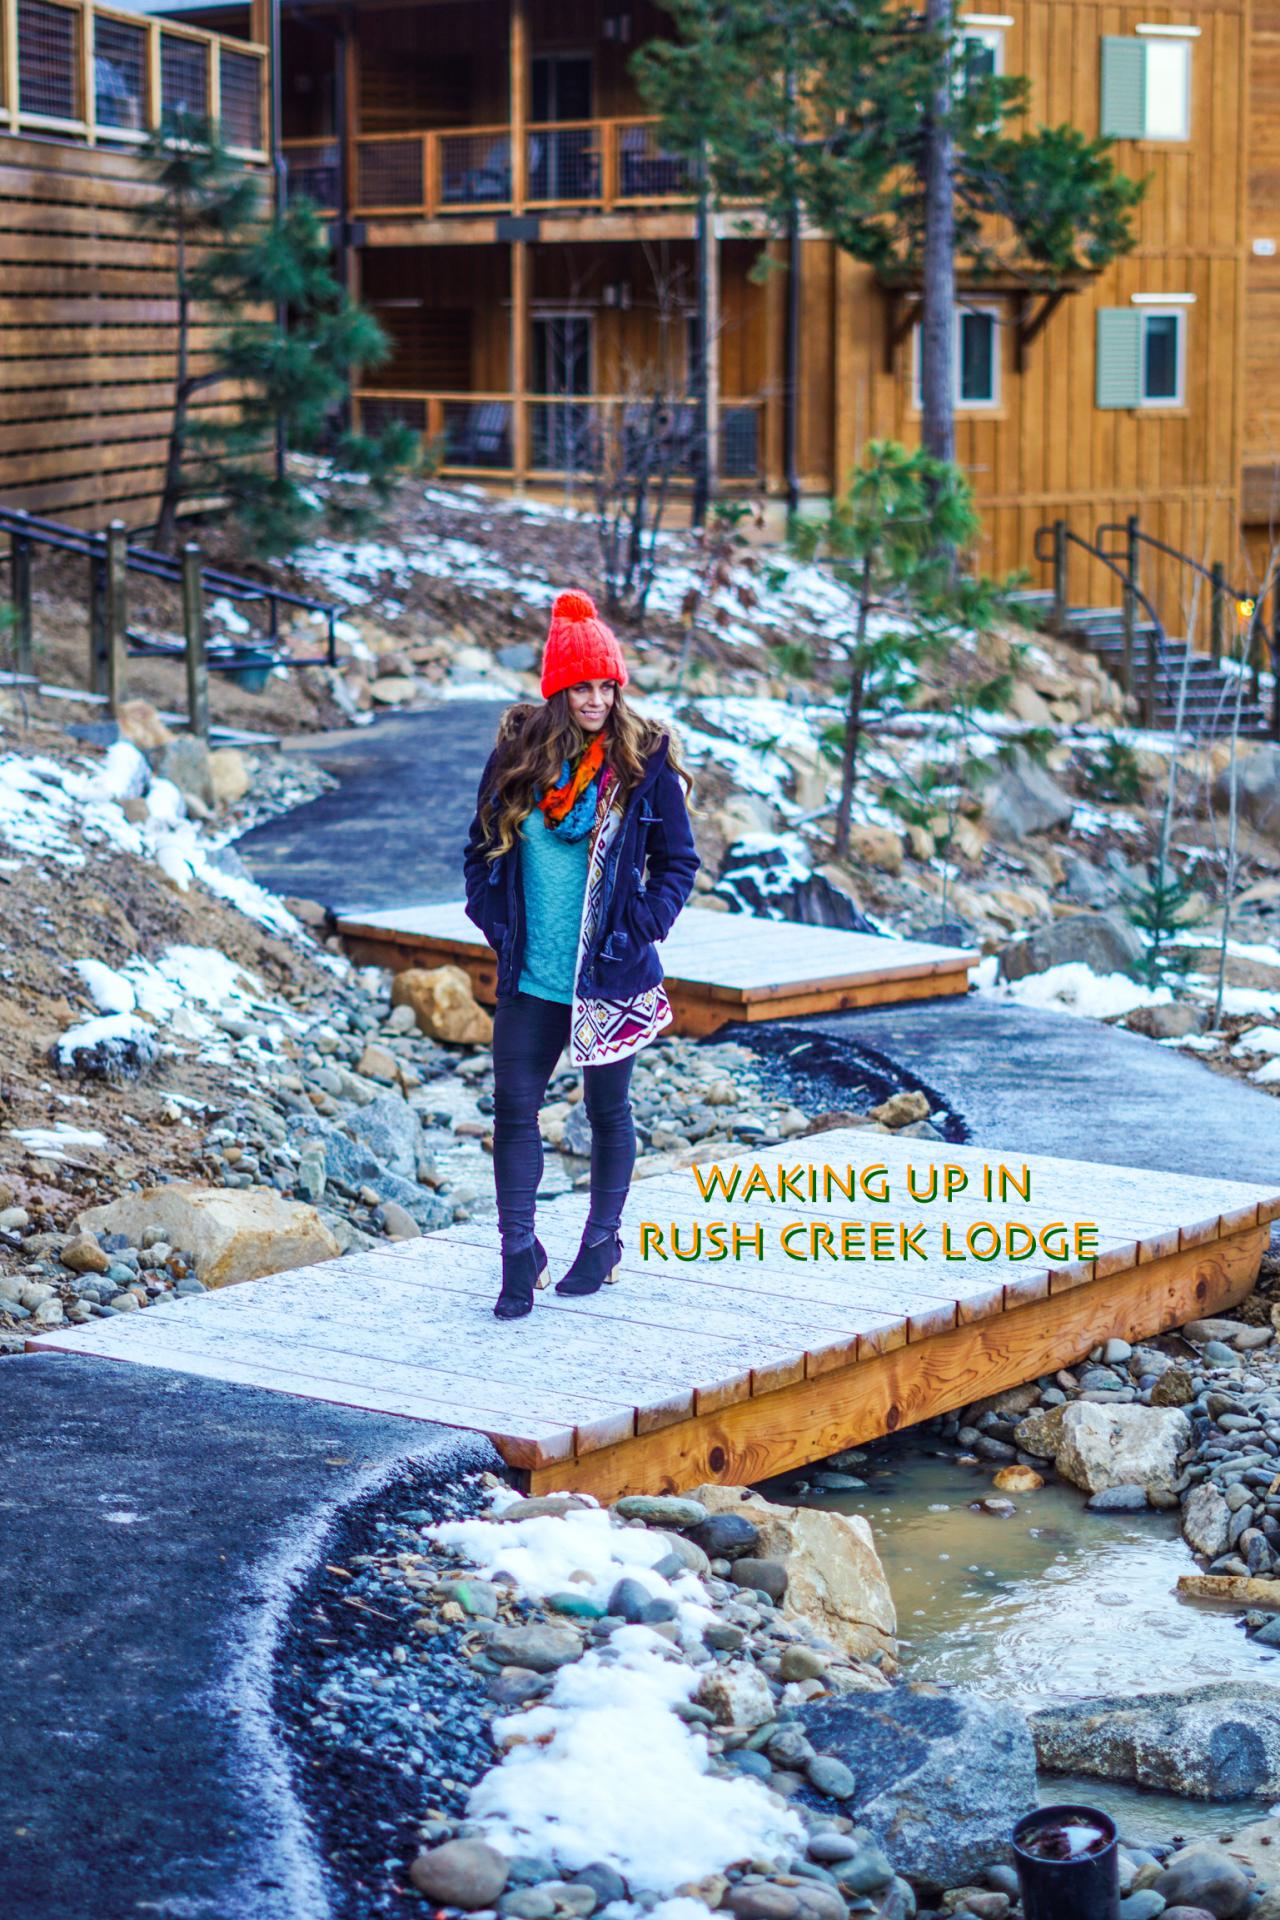 Waking up in Rush Creek Lodge, Yosemite CA